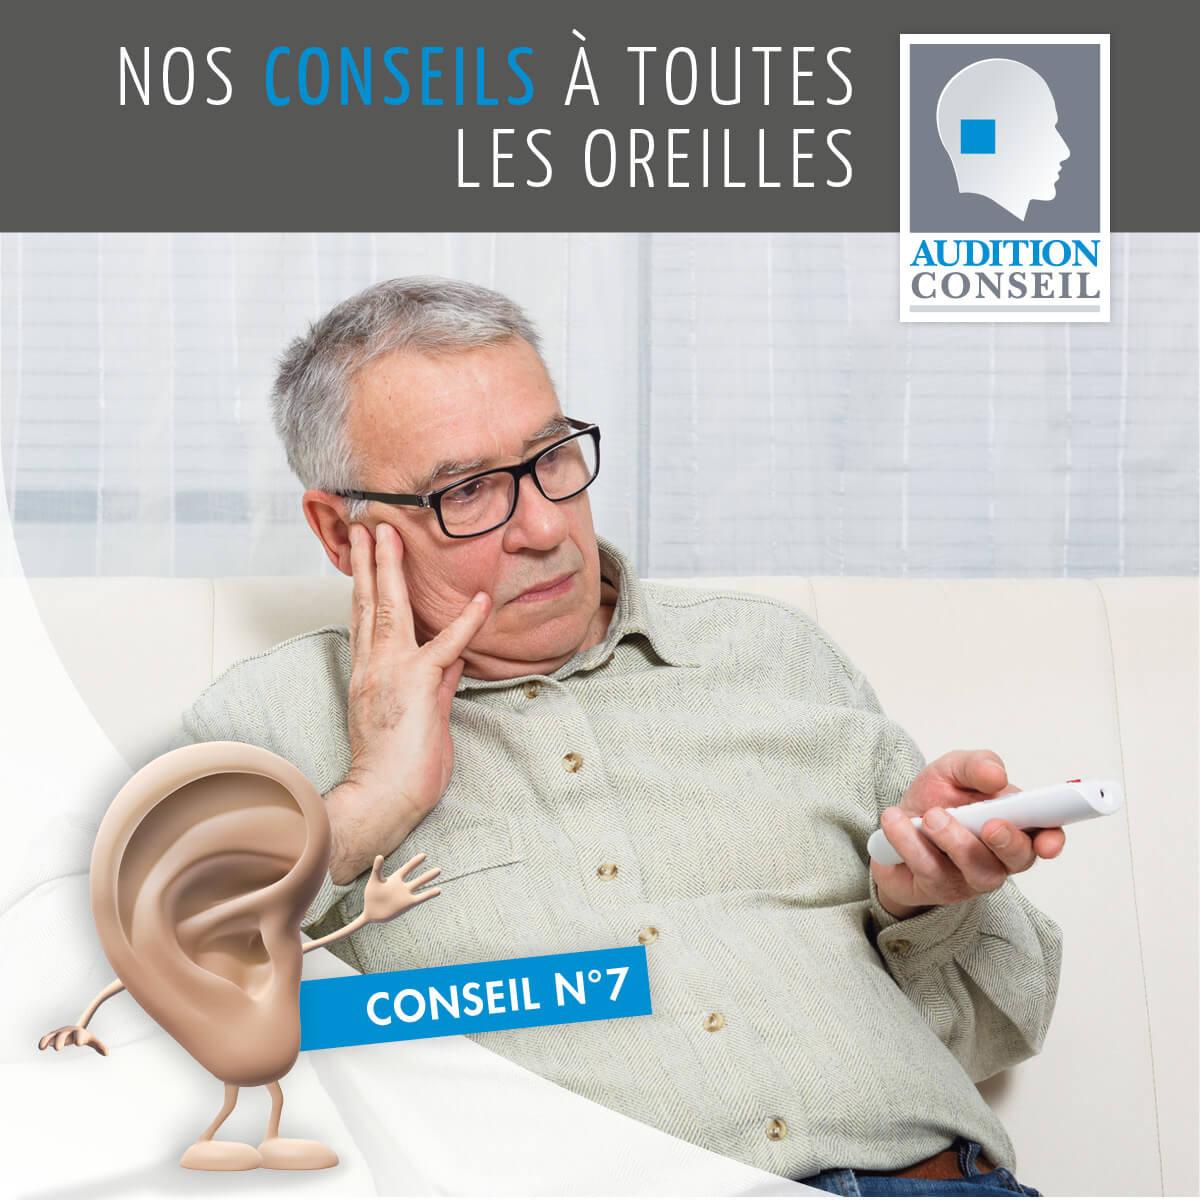 Conseils_a_toutes_les_oreilles_7